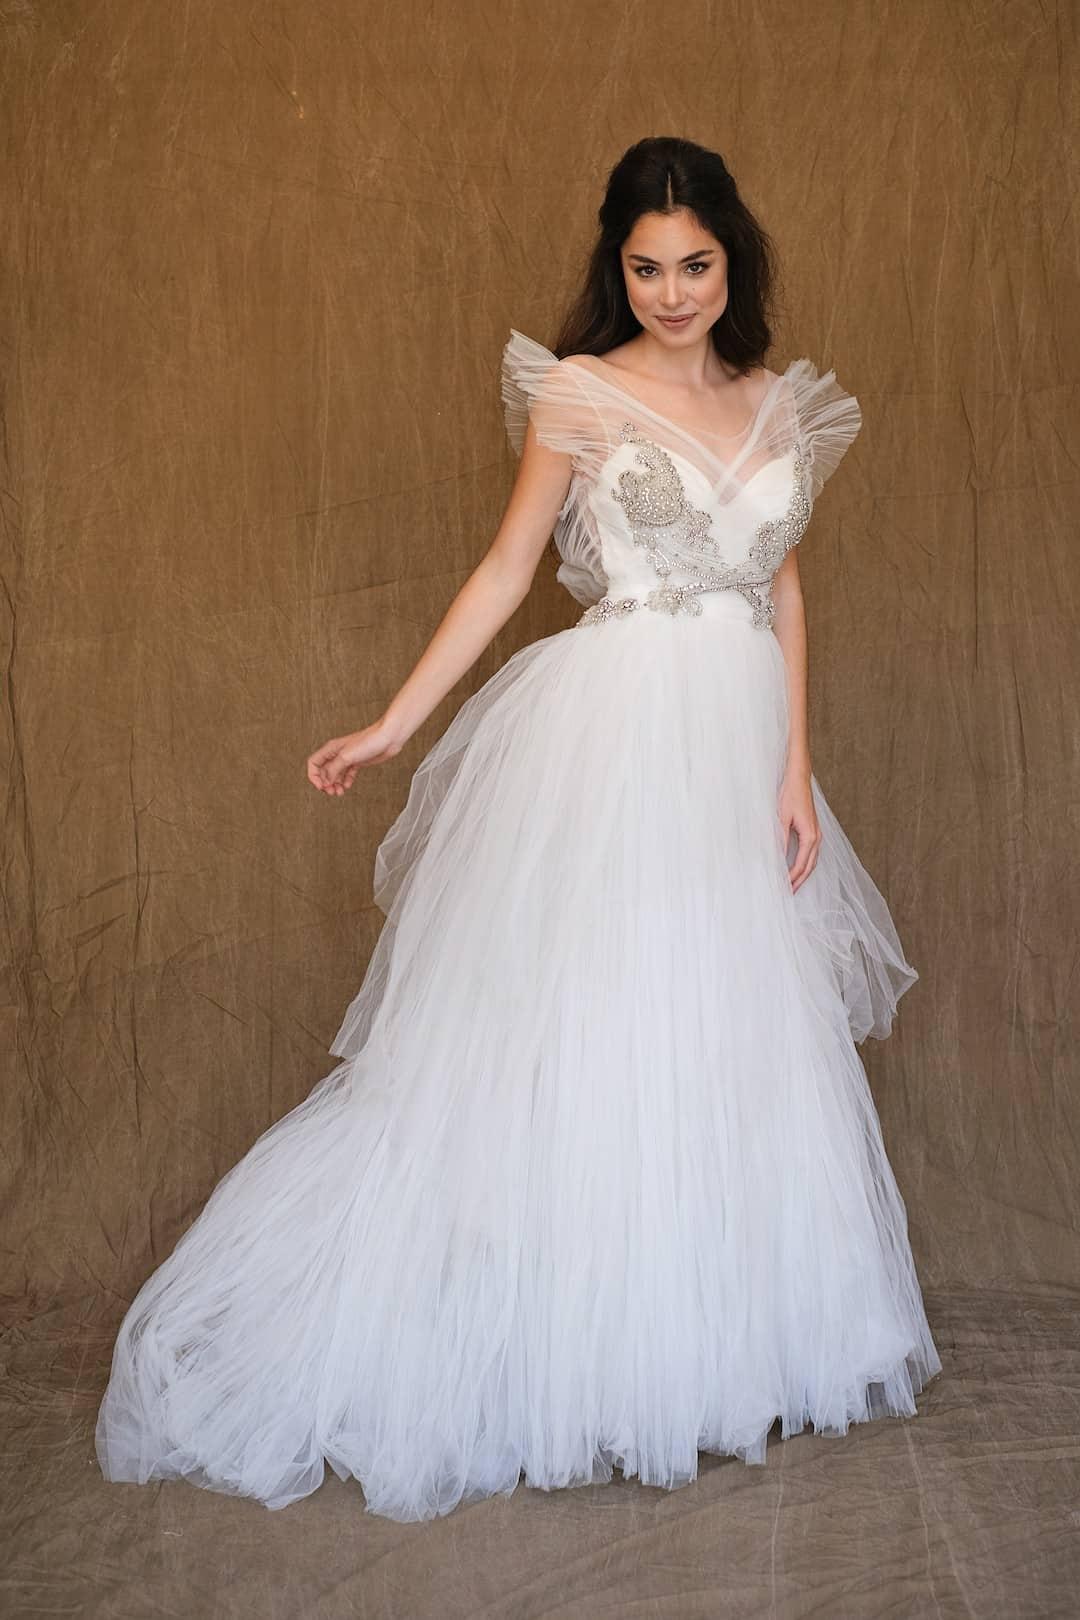 Romantisches Hochzeitskleid - Marco&Maria - 14-1031-front